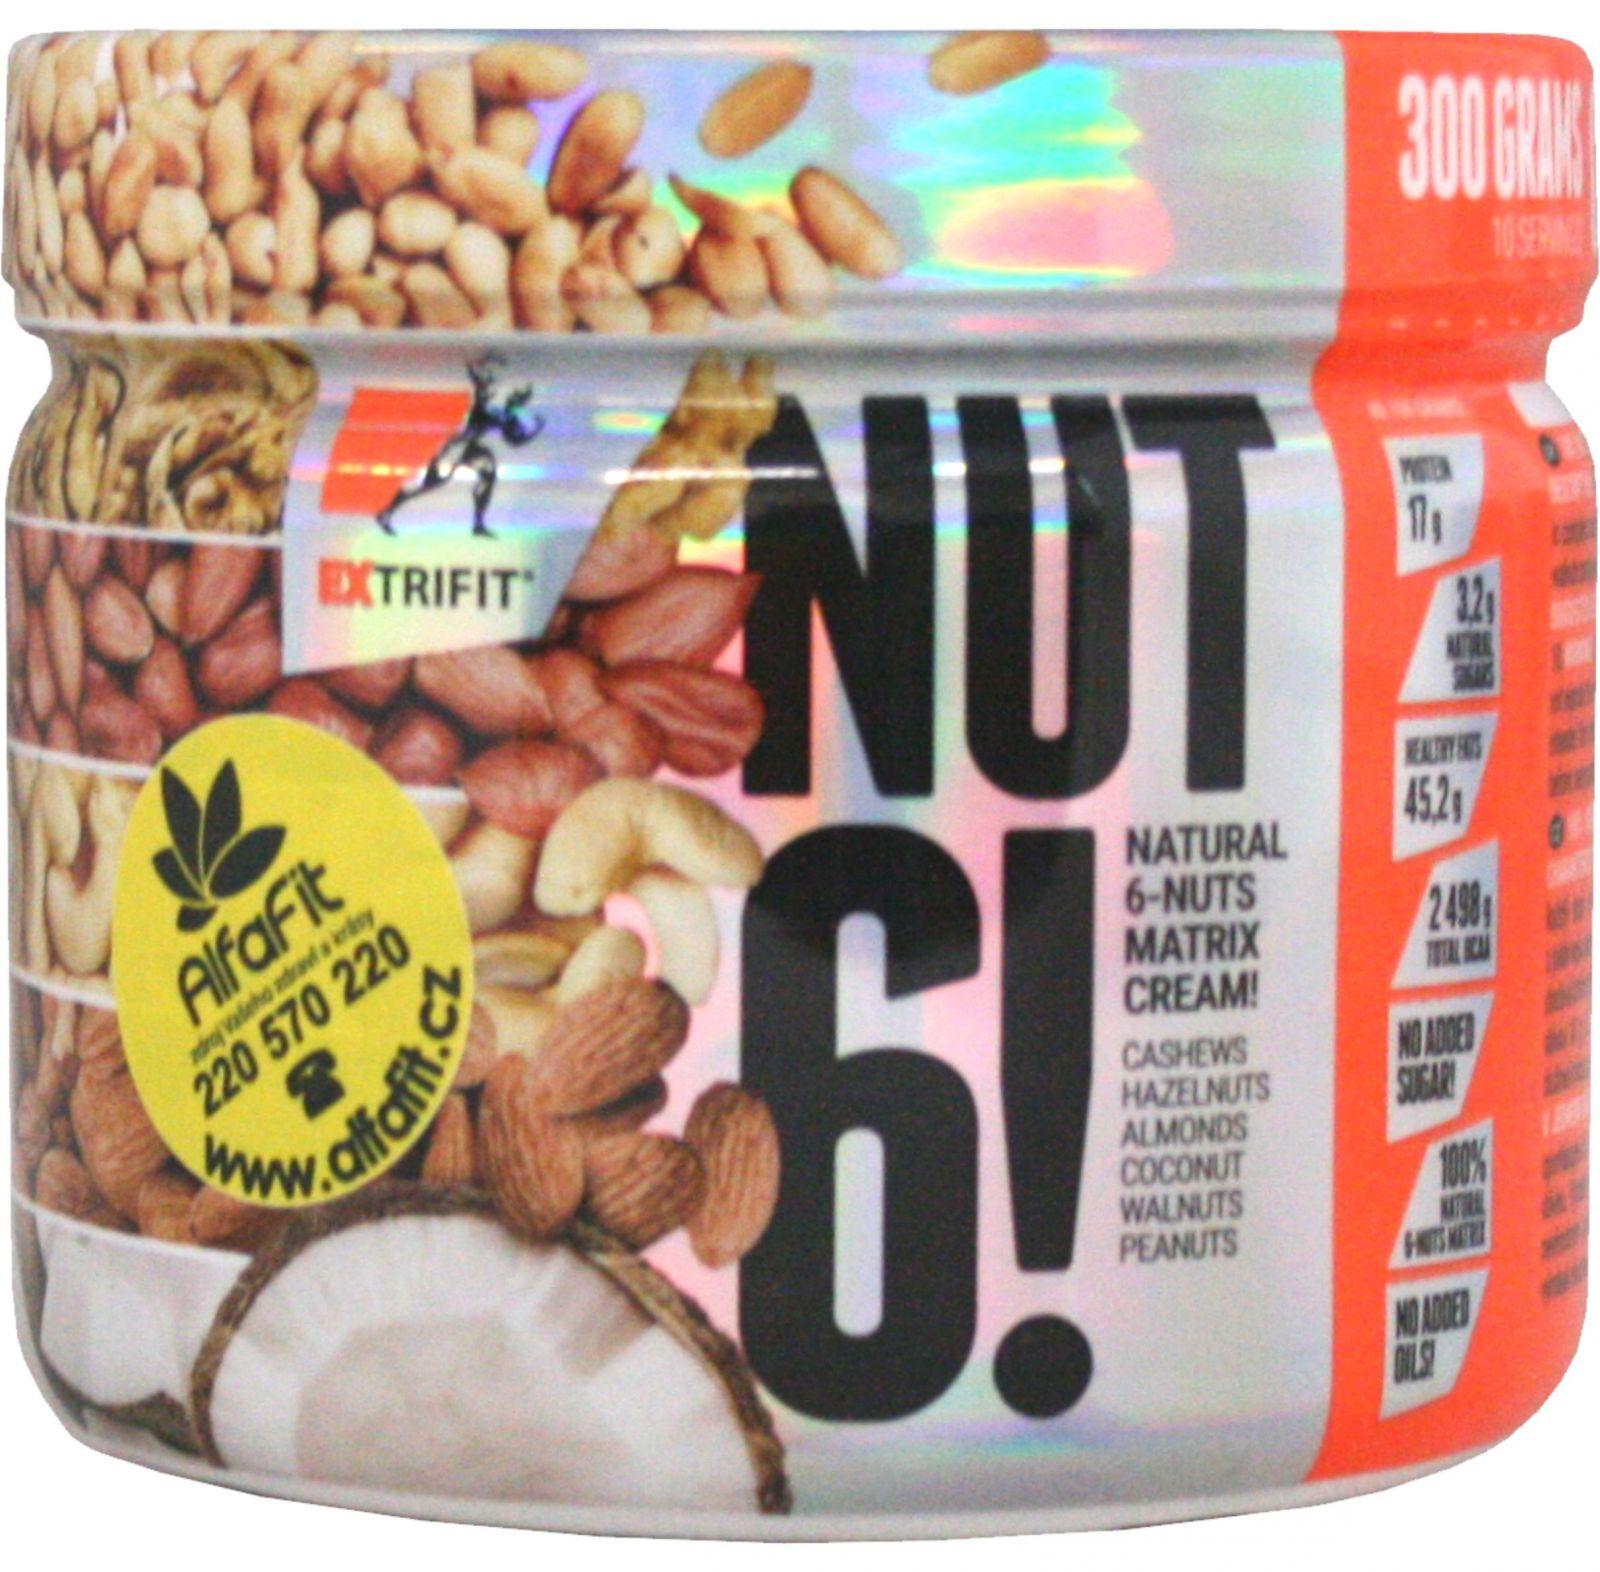 Extrifit nut 6! natural